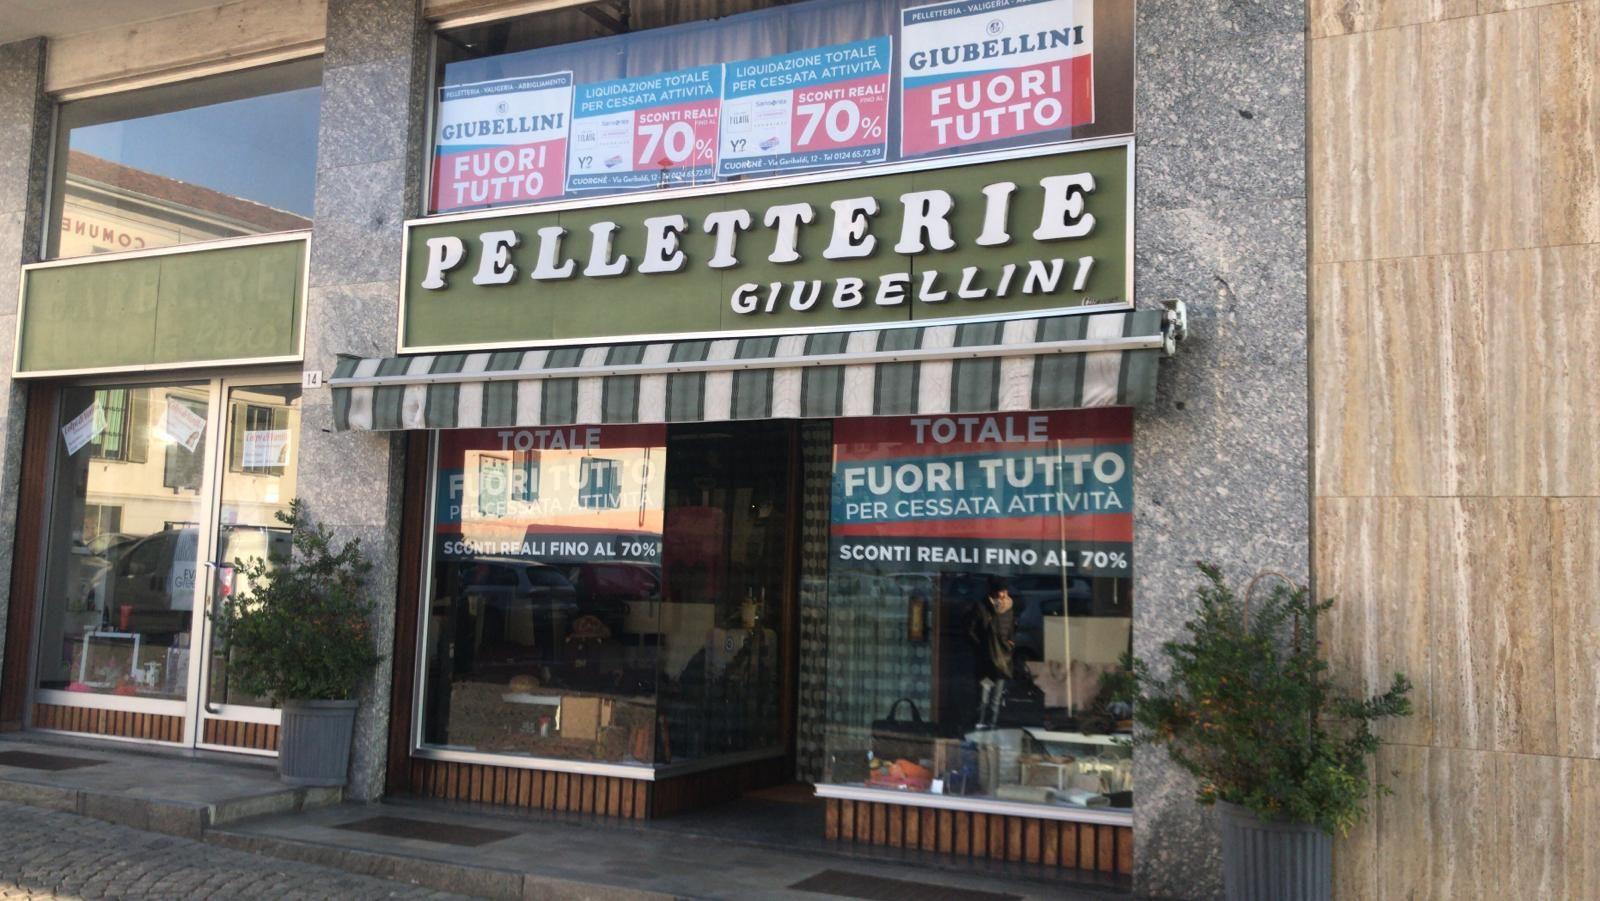 CUORGNE' - Chiude la Pelletteria Giubellini: si svuota anche il magazzino